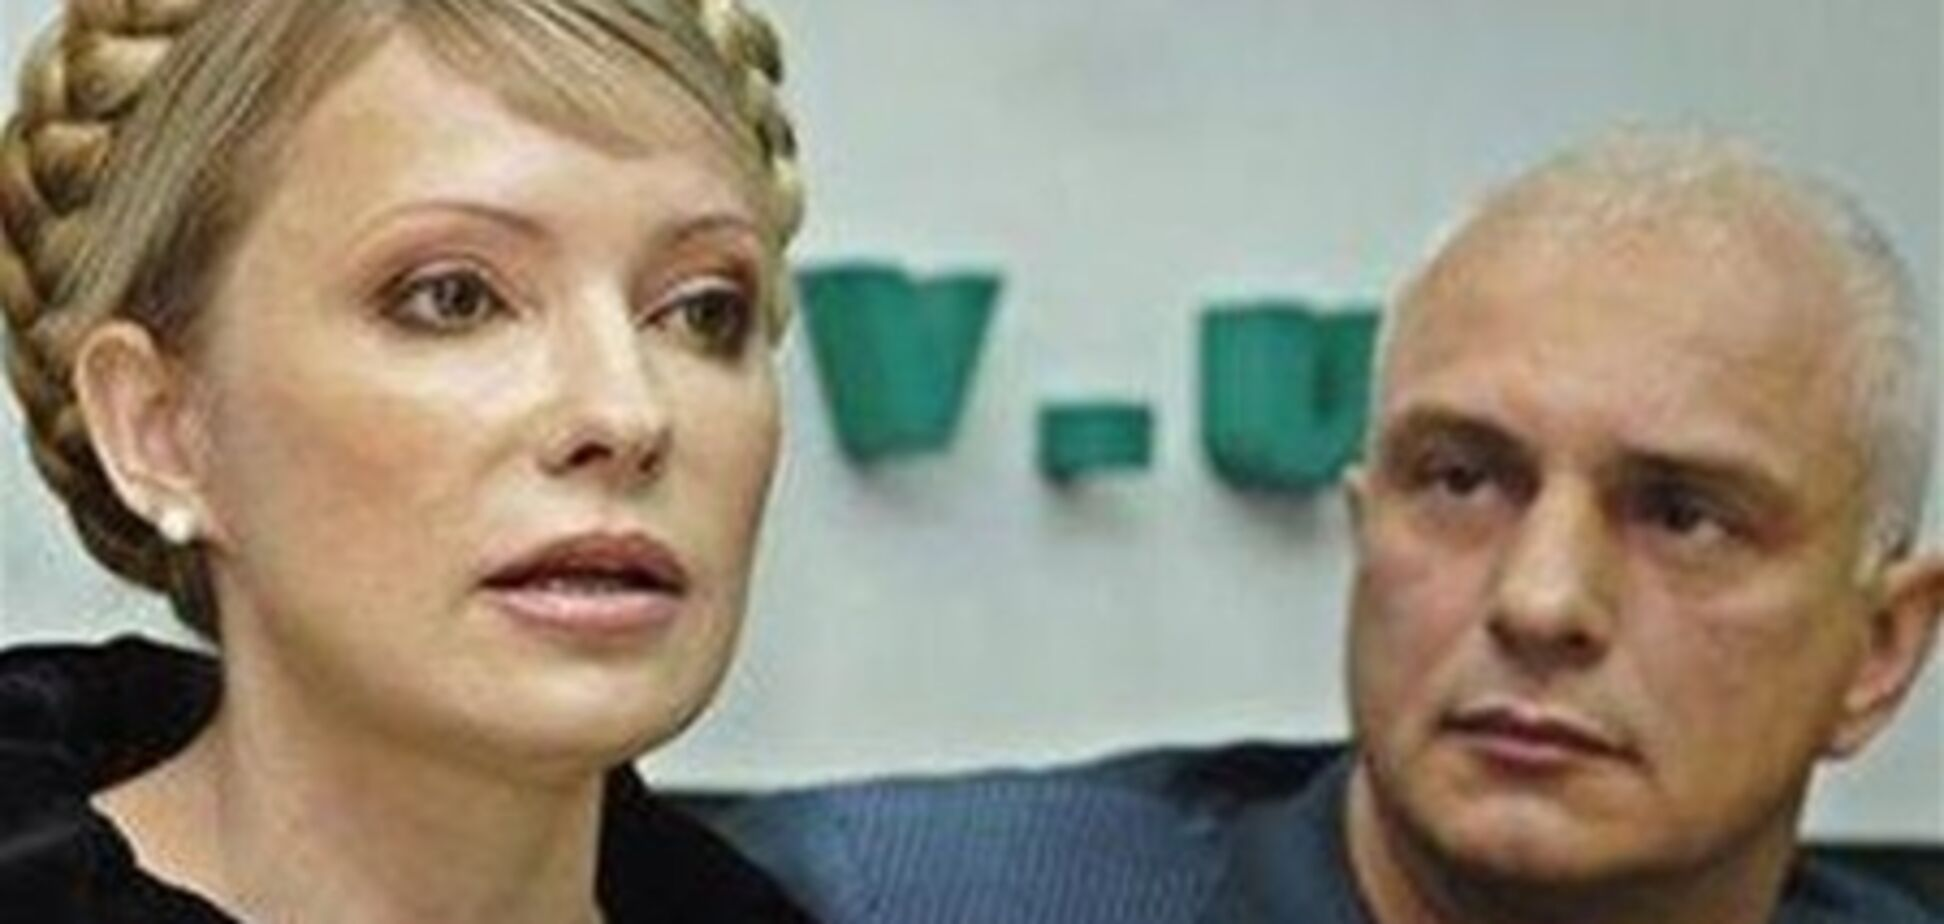 Тимошенко попросив притулку для 'особистого спокою' - експерт